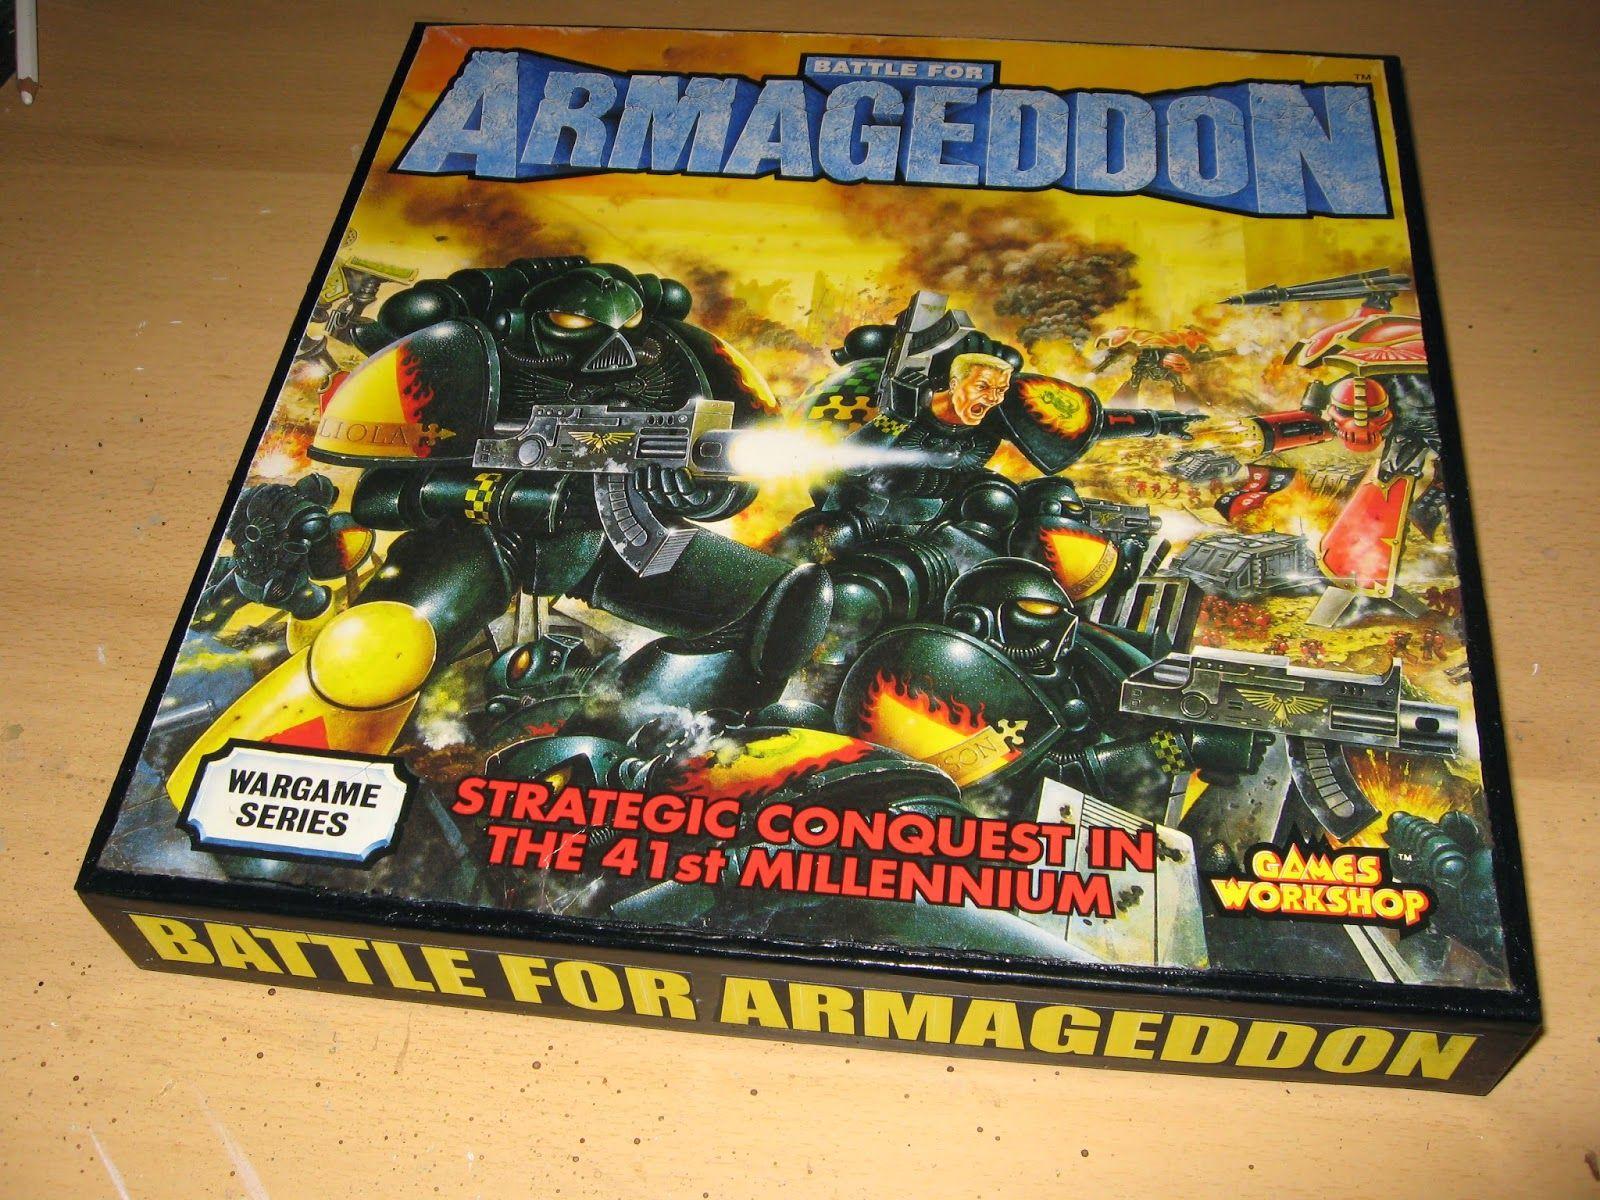 El Descanso del Escriba: Battle for Armageddon en español